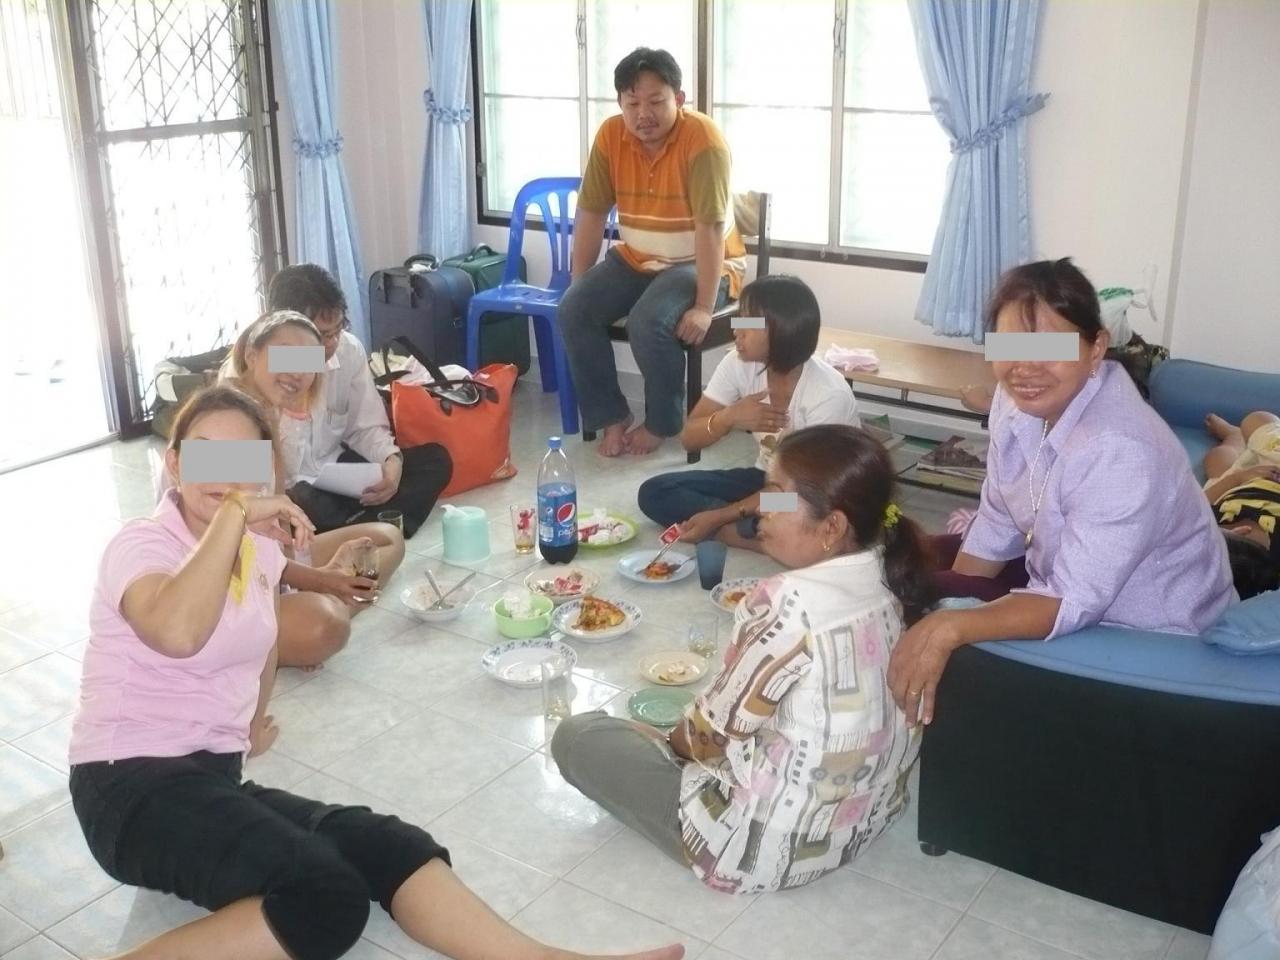 タイ語会話集 タイ 日常会話に便利な文例 タイ旅行 …